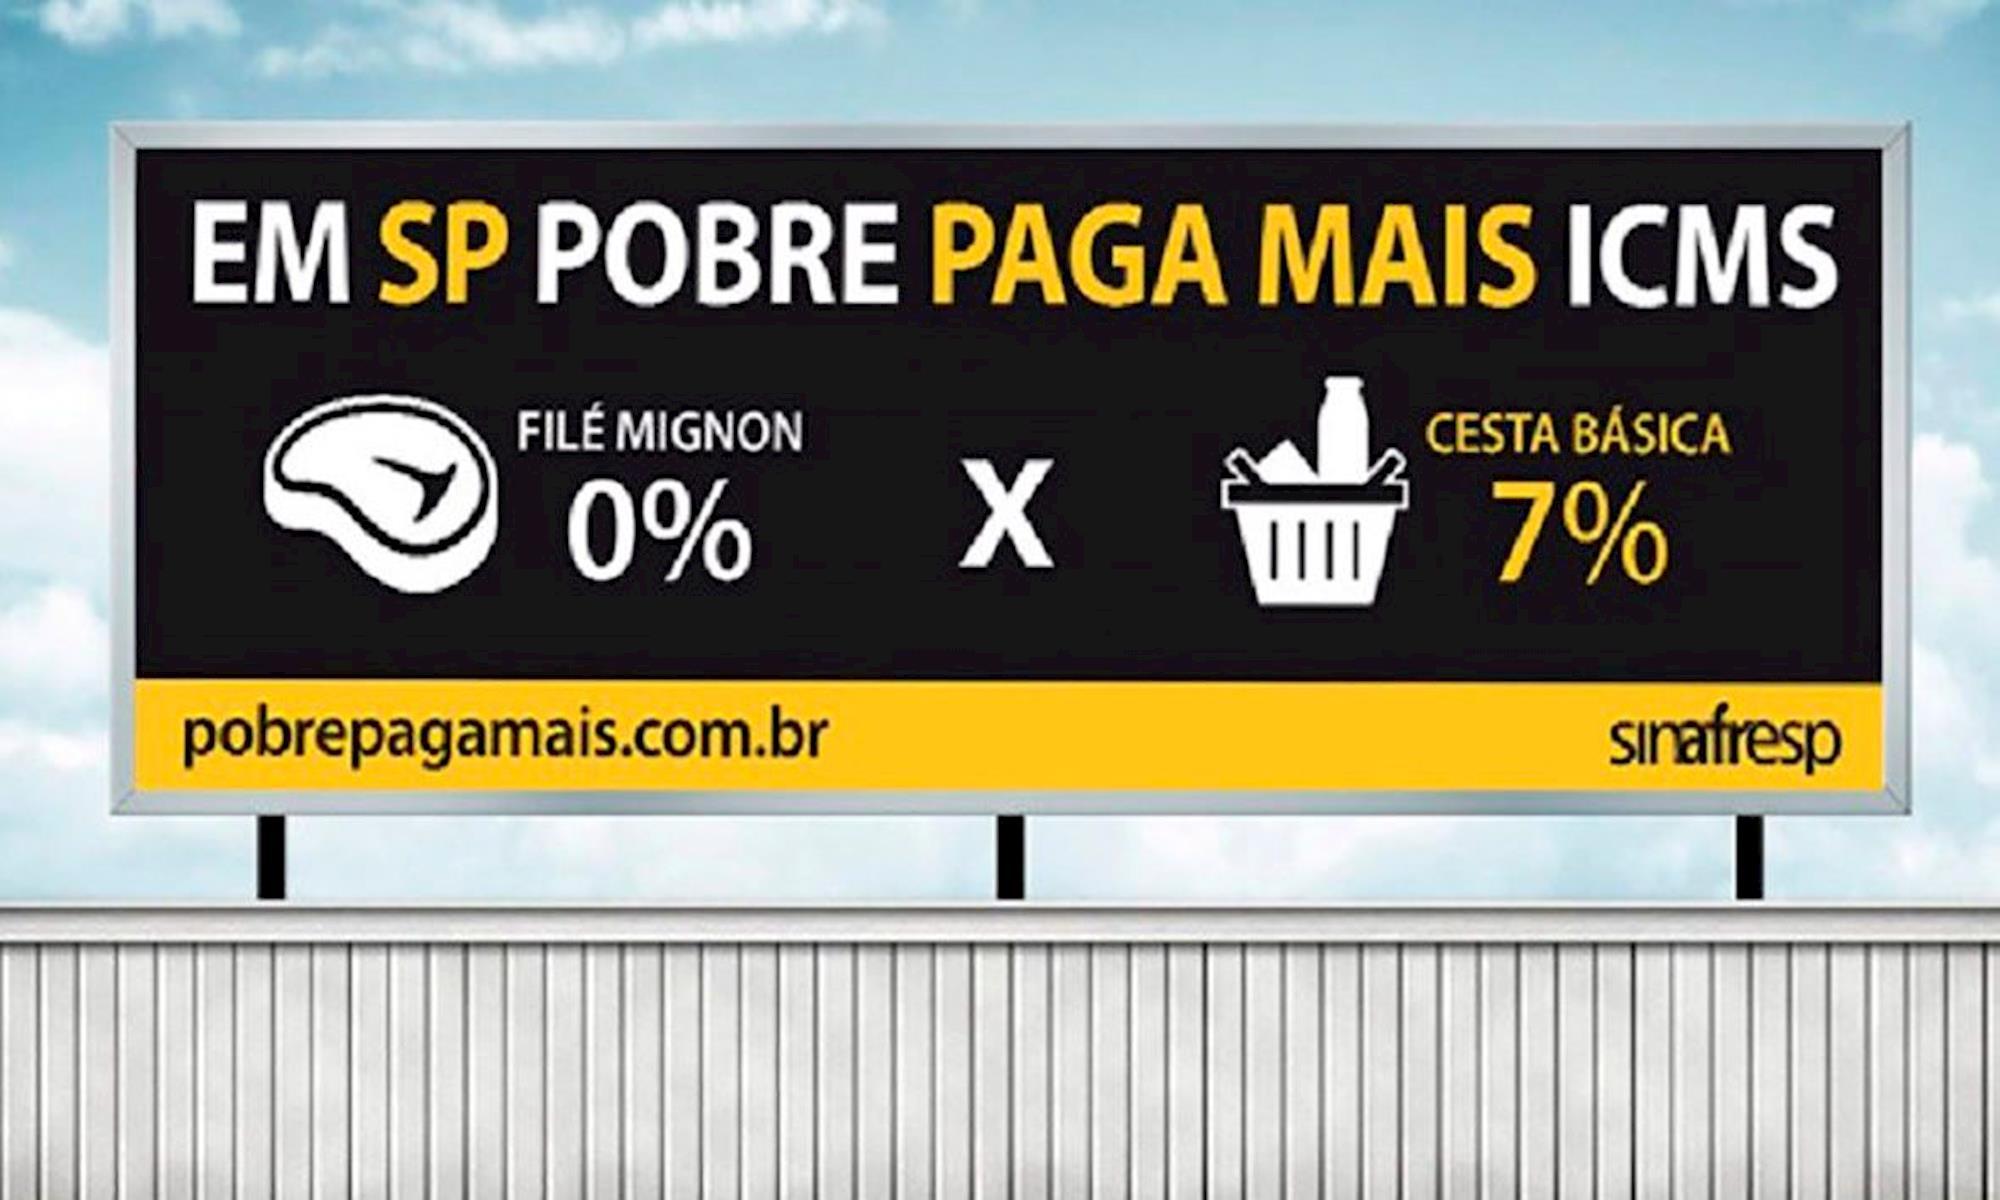 reforma, tributária, eleição, SINAFRESP/DIVULGAÇÃO